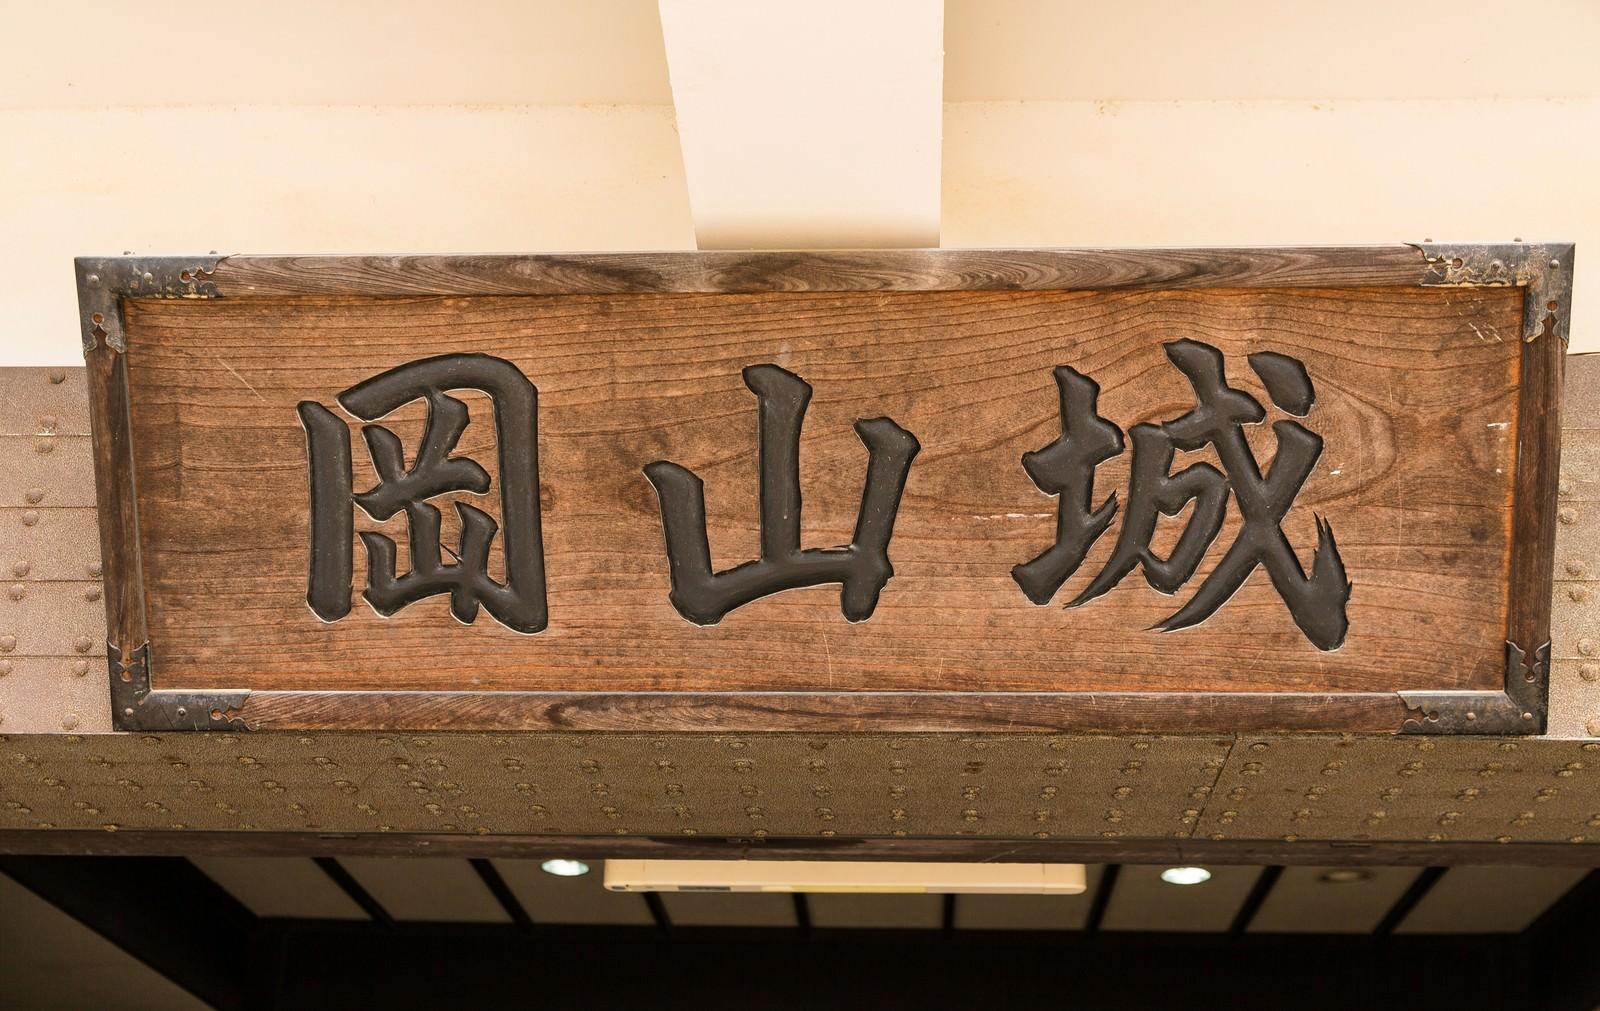 「岡山城と書かれた看板」の写真